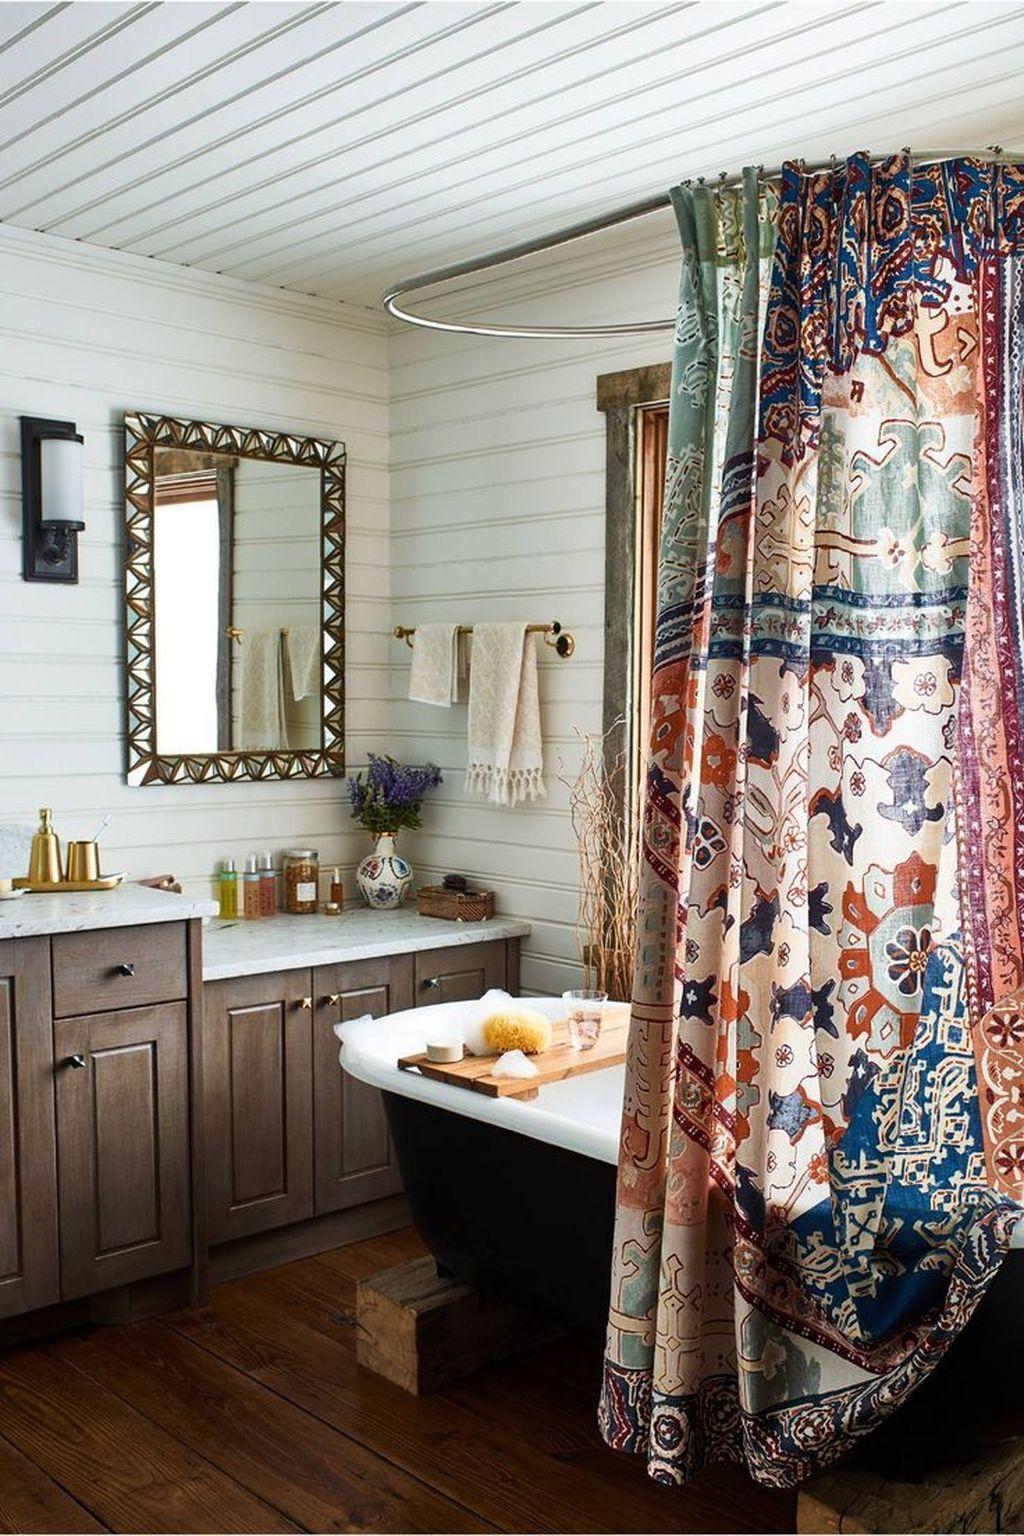 Fabulous Bathroom Design Ideas With Boho Curtains07